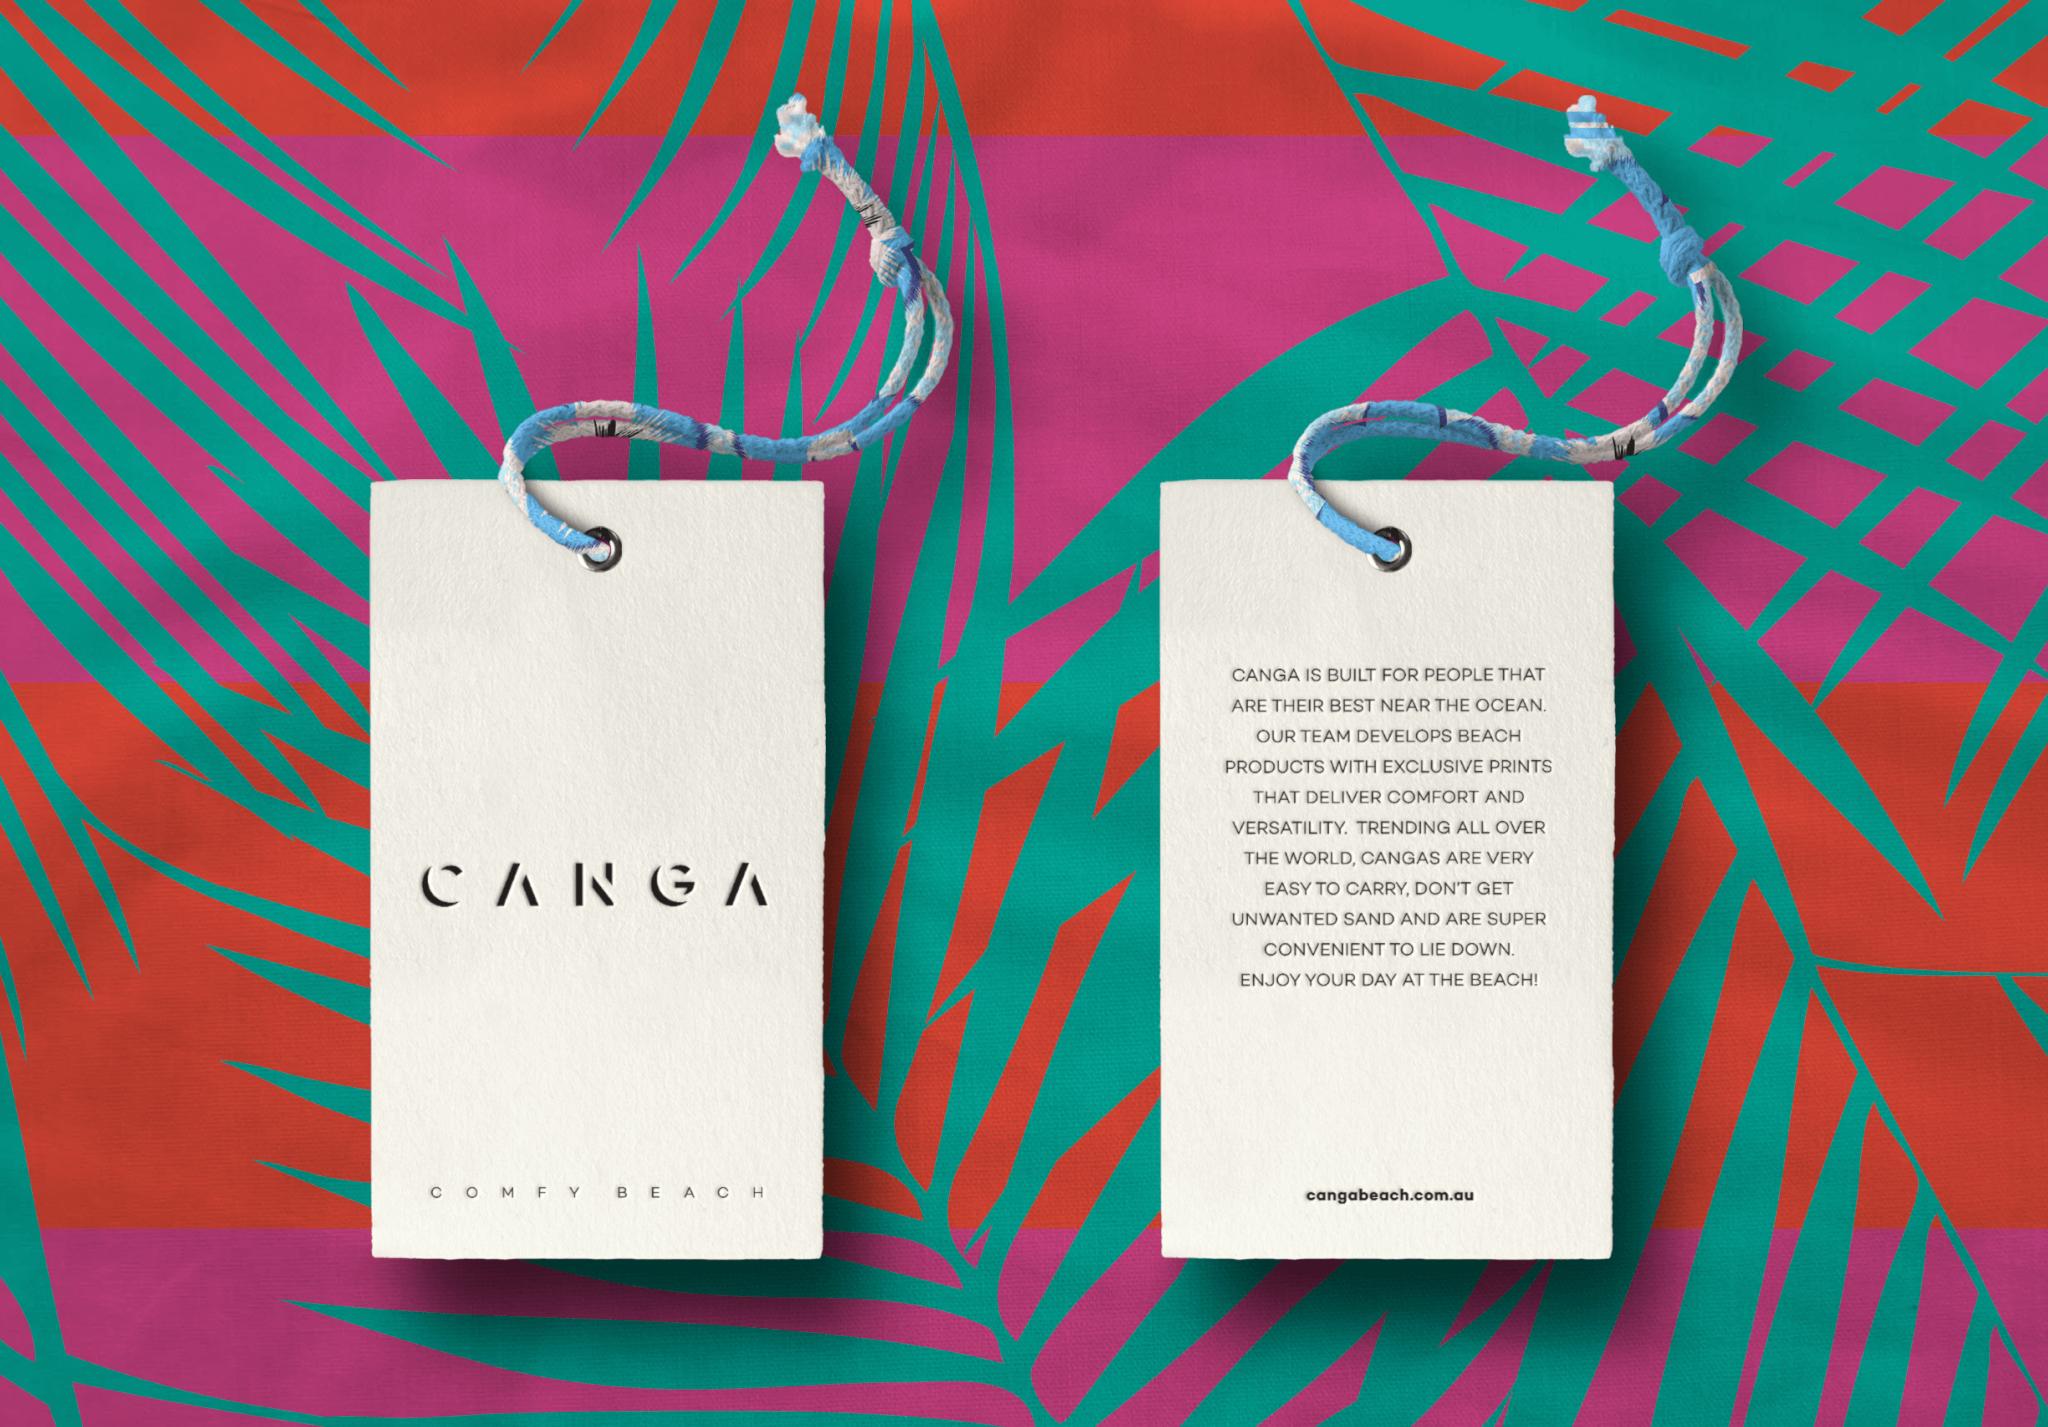 Canga-03